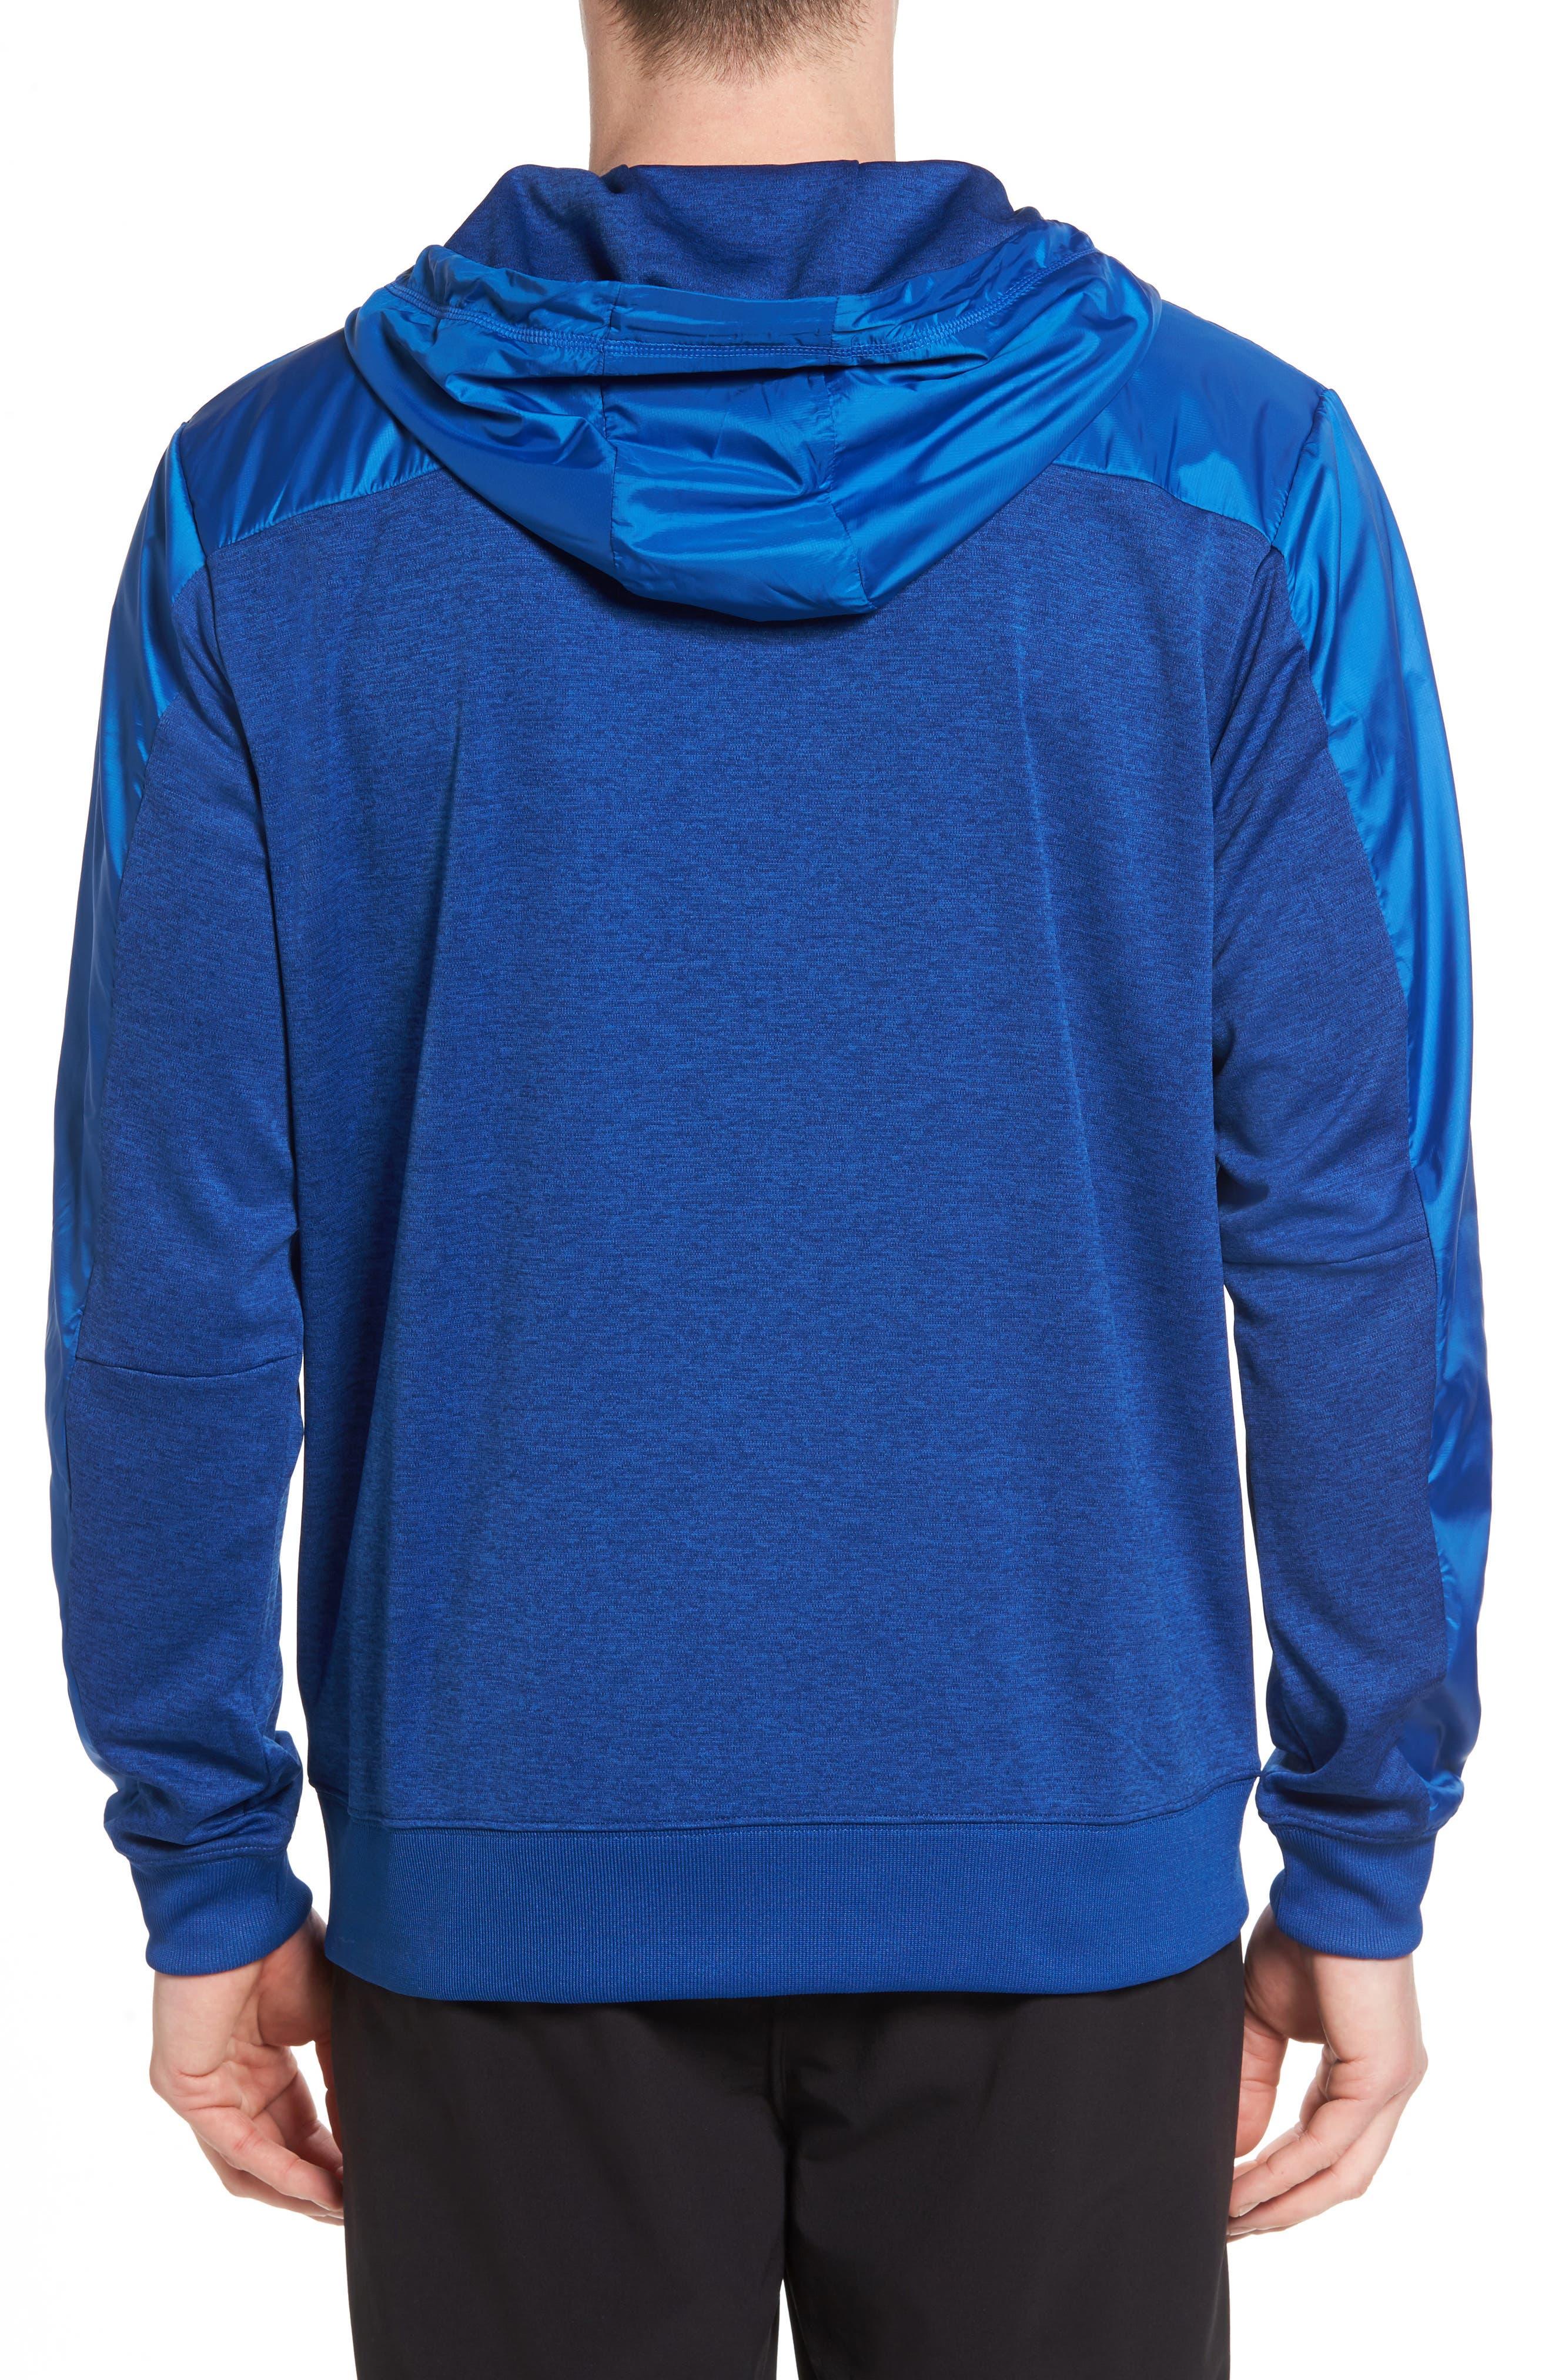 Raido Hooded Jacket,                             Alternate thumbnail 2, color,                             Sodalite Blue